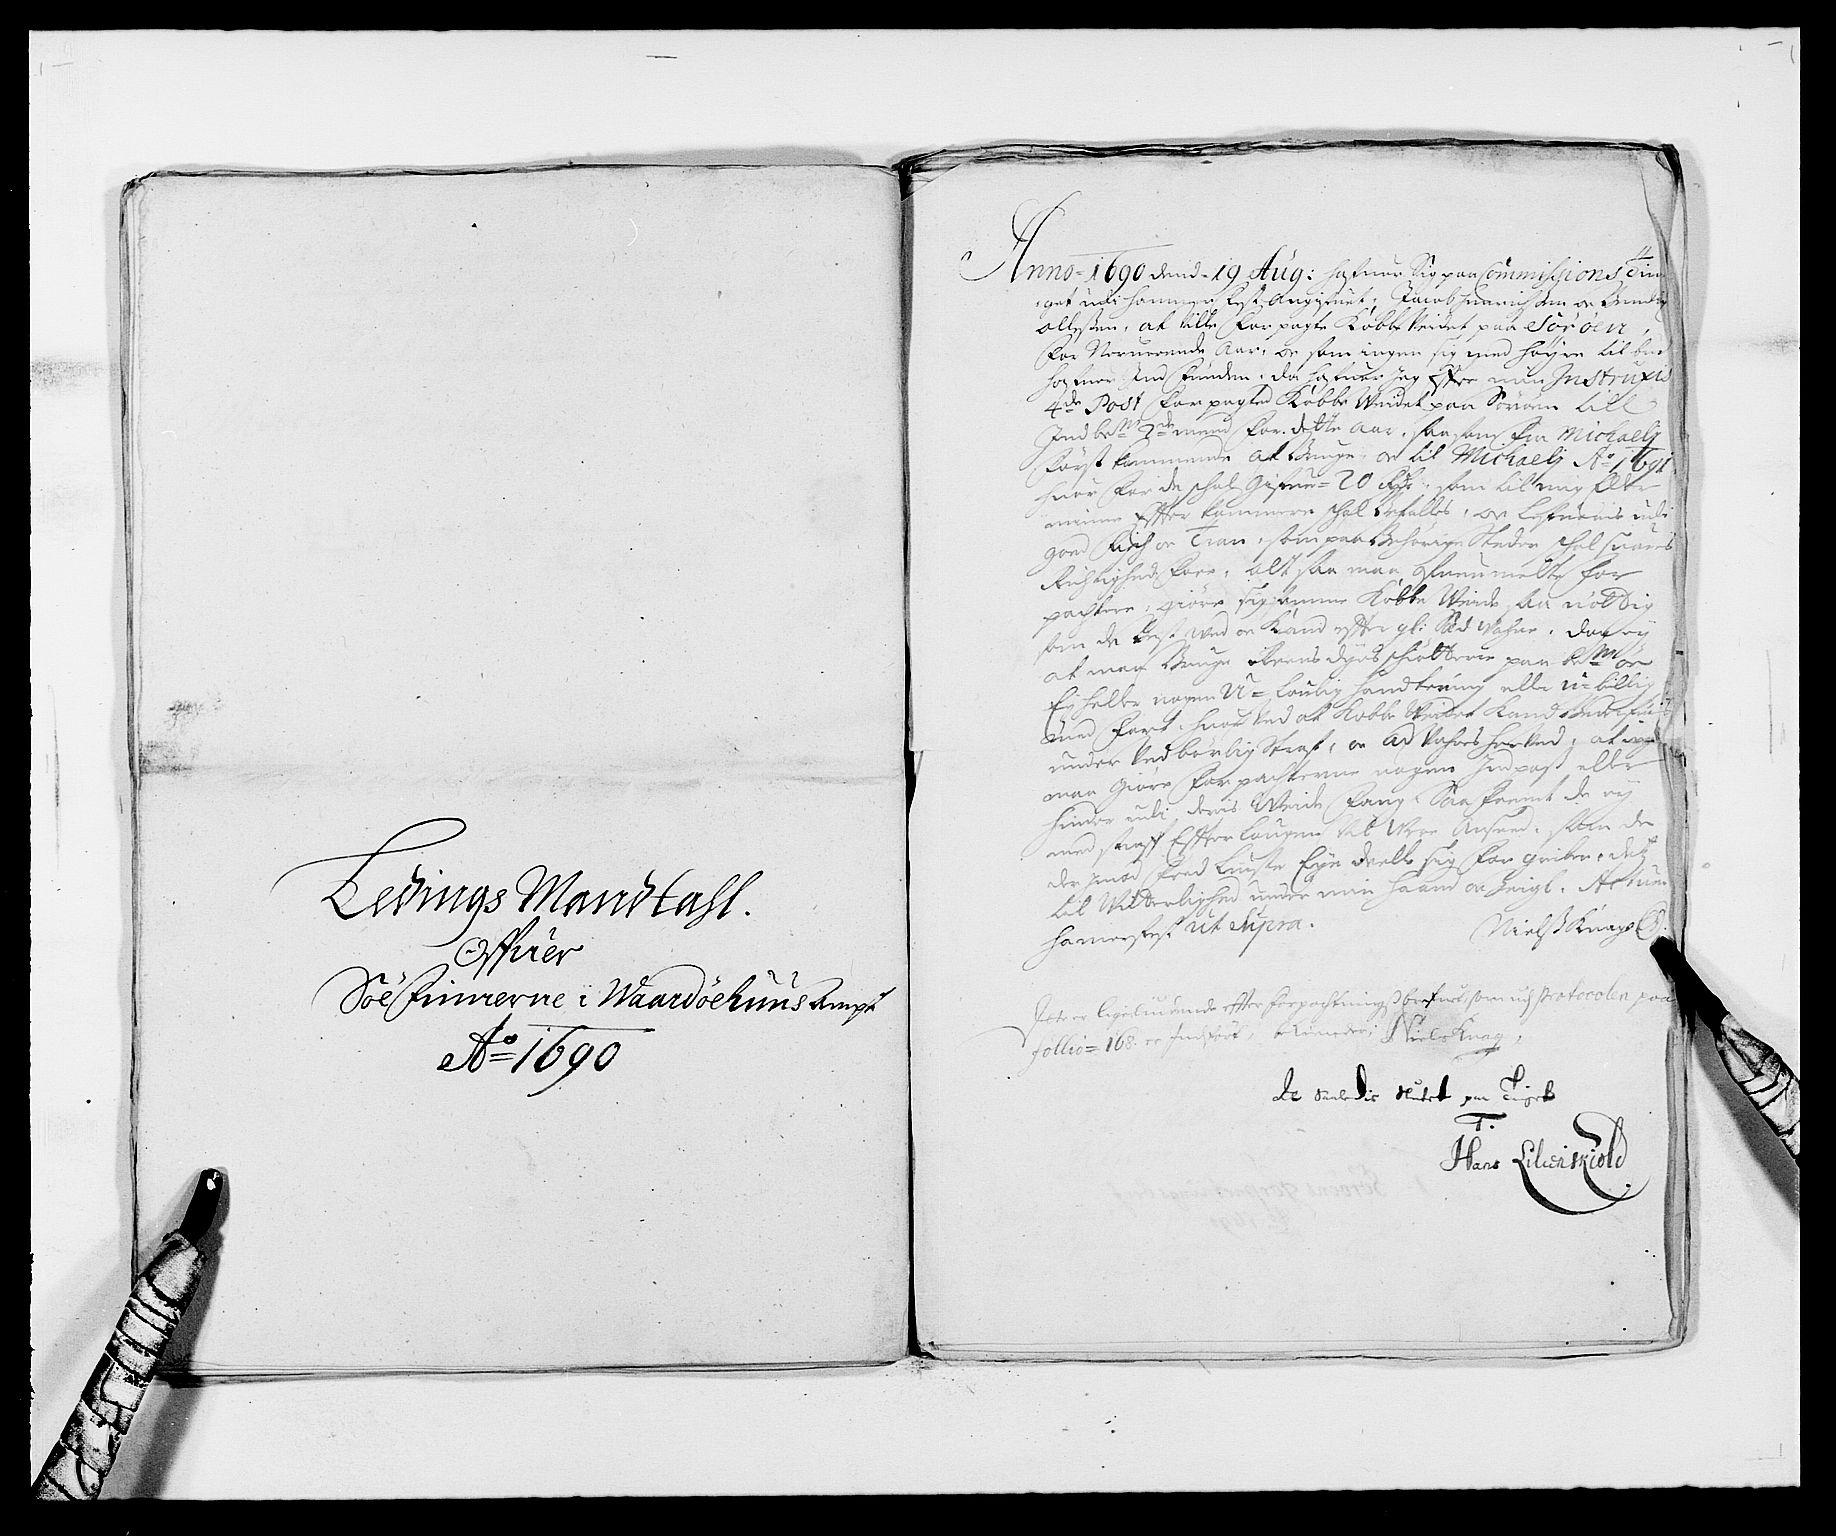 RA, Rentekammeret inntil 1814, Reviderte regnskaper, Fogderegnskap, R69/L4850: Fogderegnskap Finnmark/Vardøhus, 1680-1690, s. 231